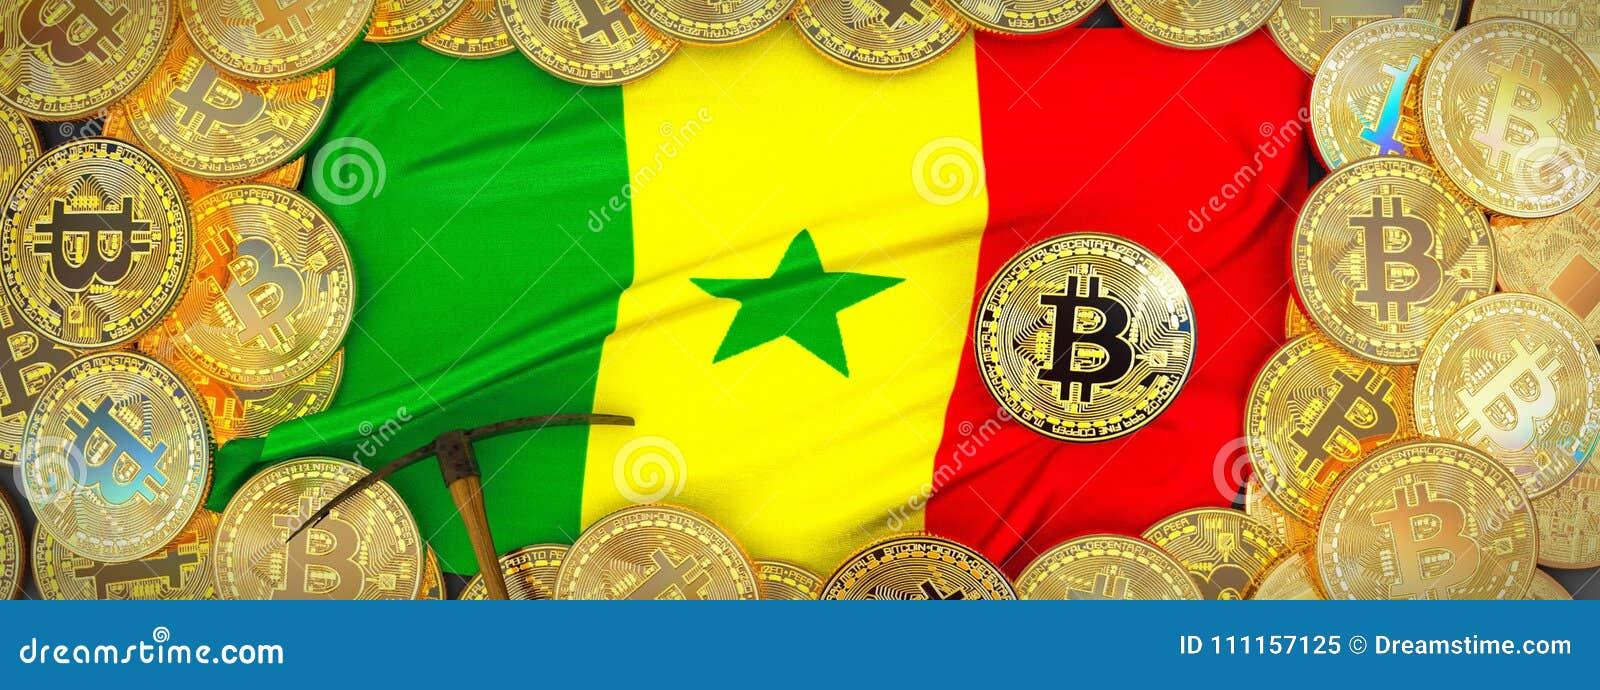 Ouro de Bitcoins em torno da bandeira de Senegal e picareta à esquerda 3d IL